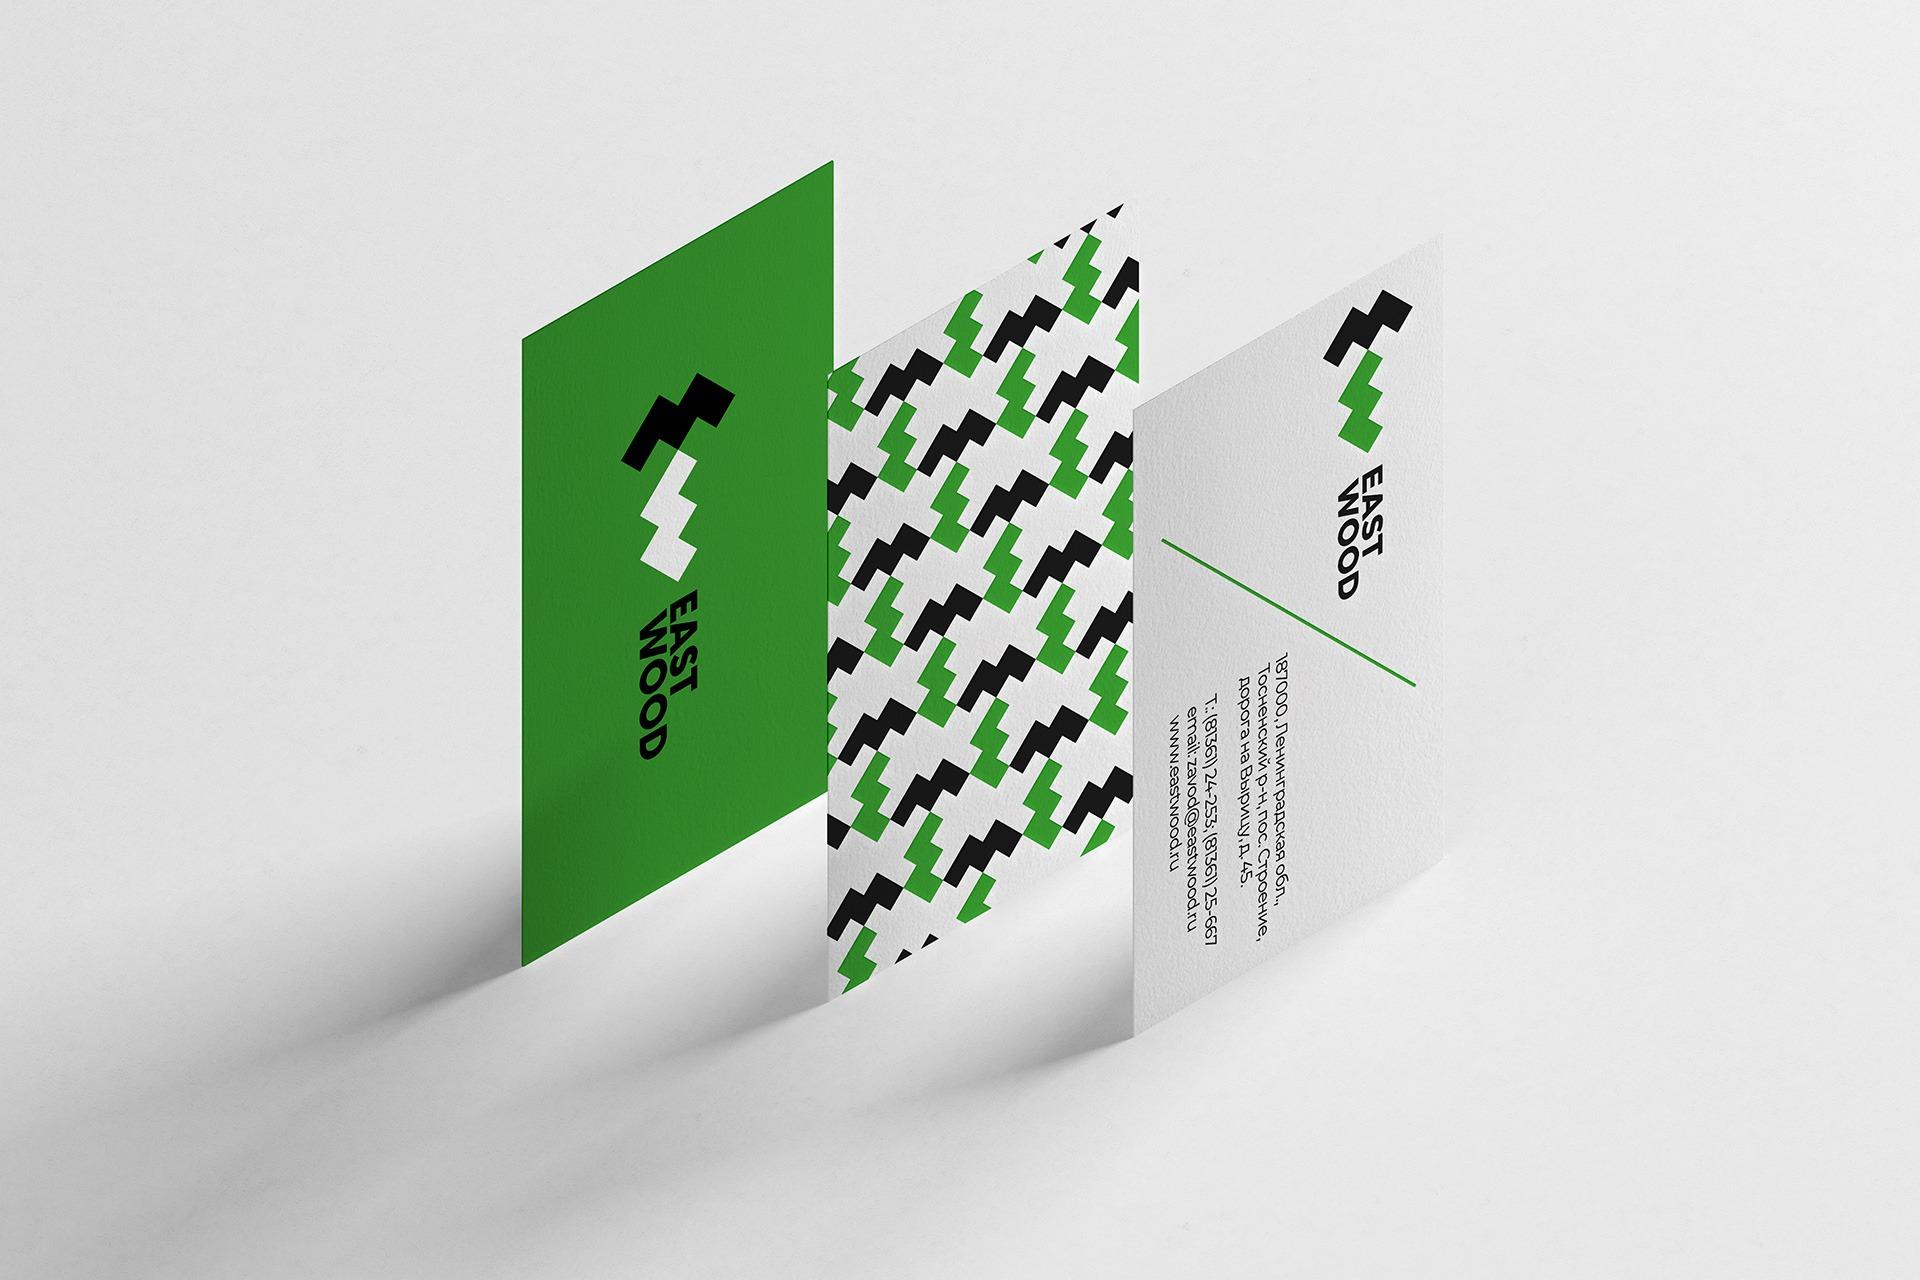 Asgard Branding, фирменный стиль, визитные карточки, айдентика, лого, Eastwood, дизайн, графический дизайн